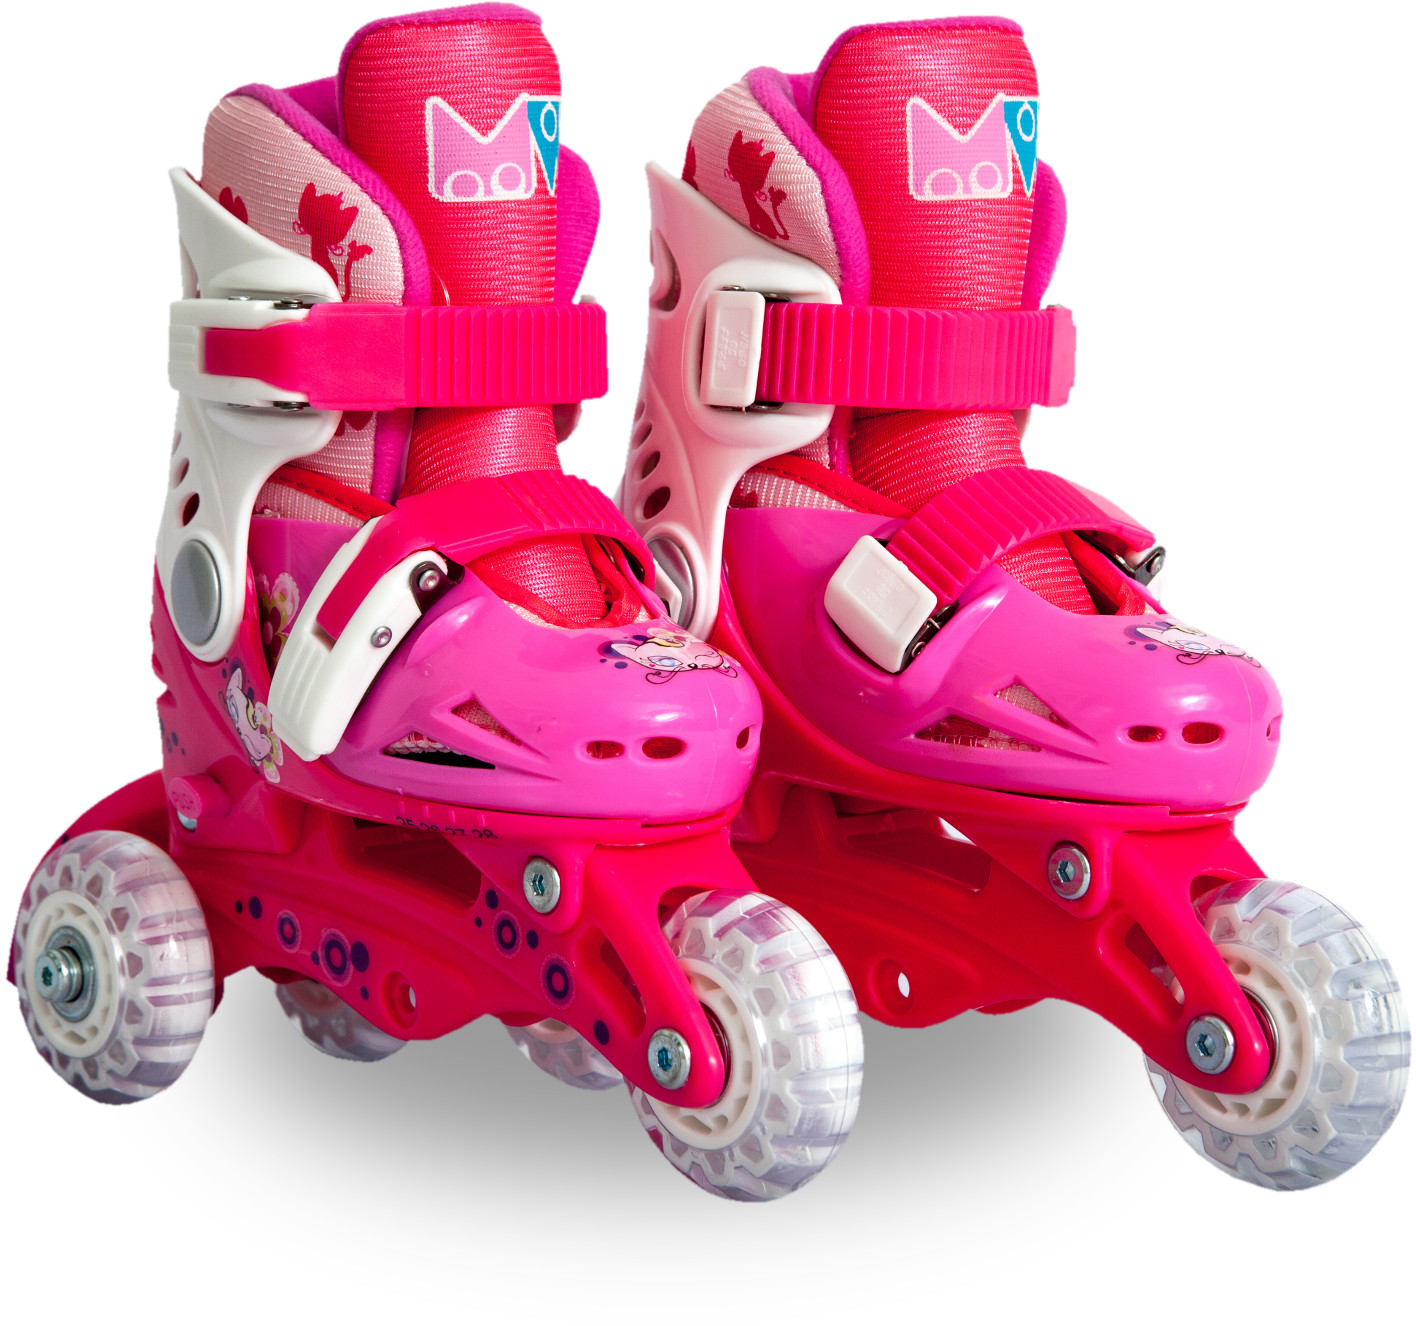 Ролики детские 26 размер, для обучения (трансформеры, раздвижной ботинок) MagicWheels розовые, - фото 1